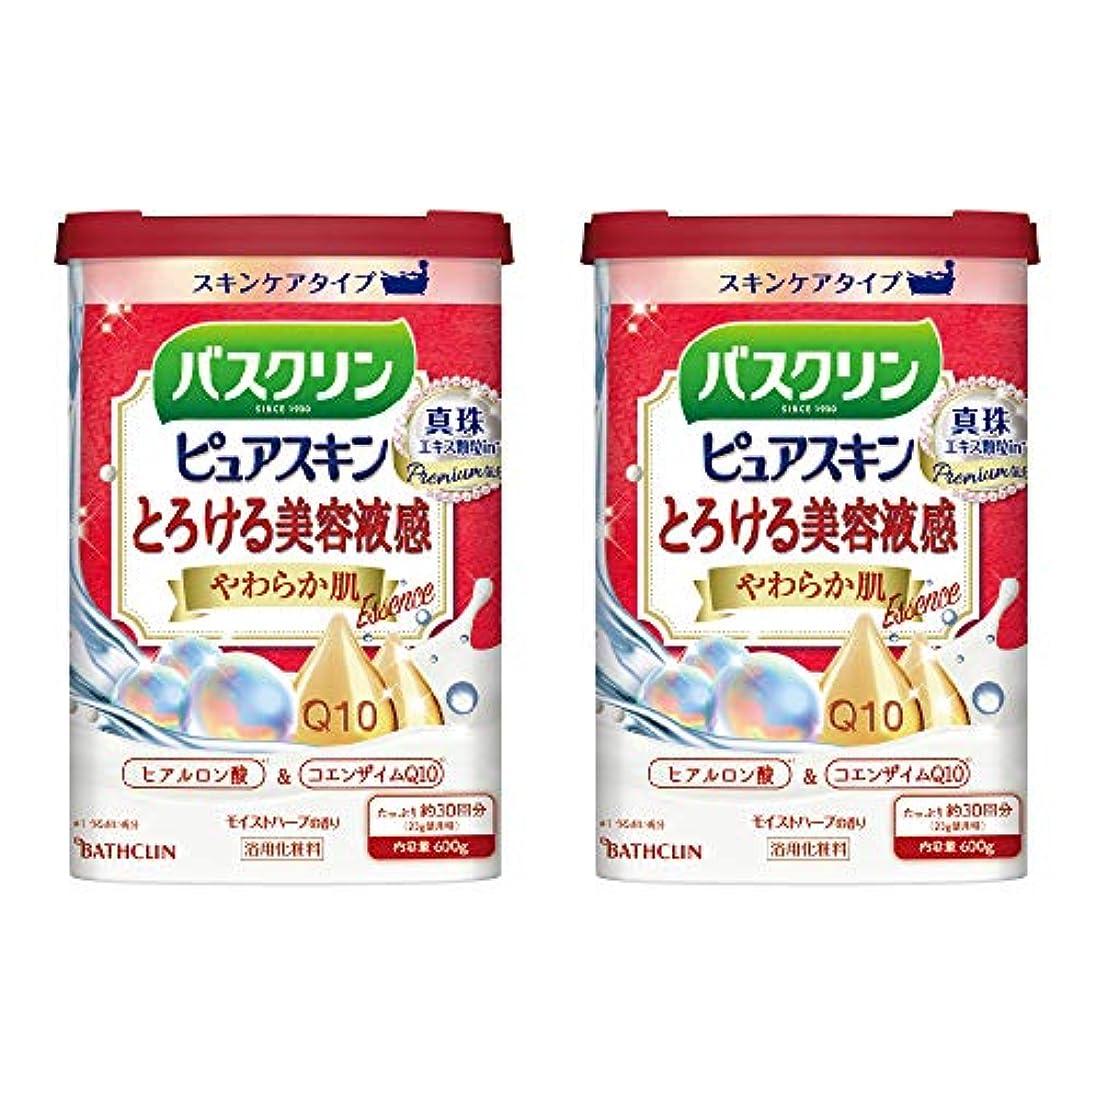 貫通する量でうん【まとめ買い】バスクリンピュアスキンやわらか肌600g入浴剤(約30回分)×2個